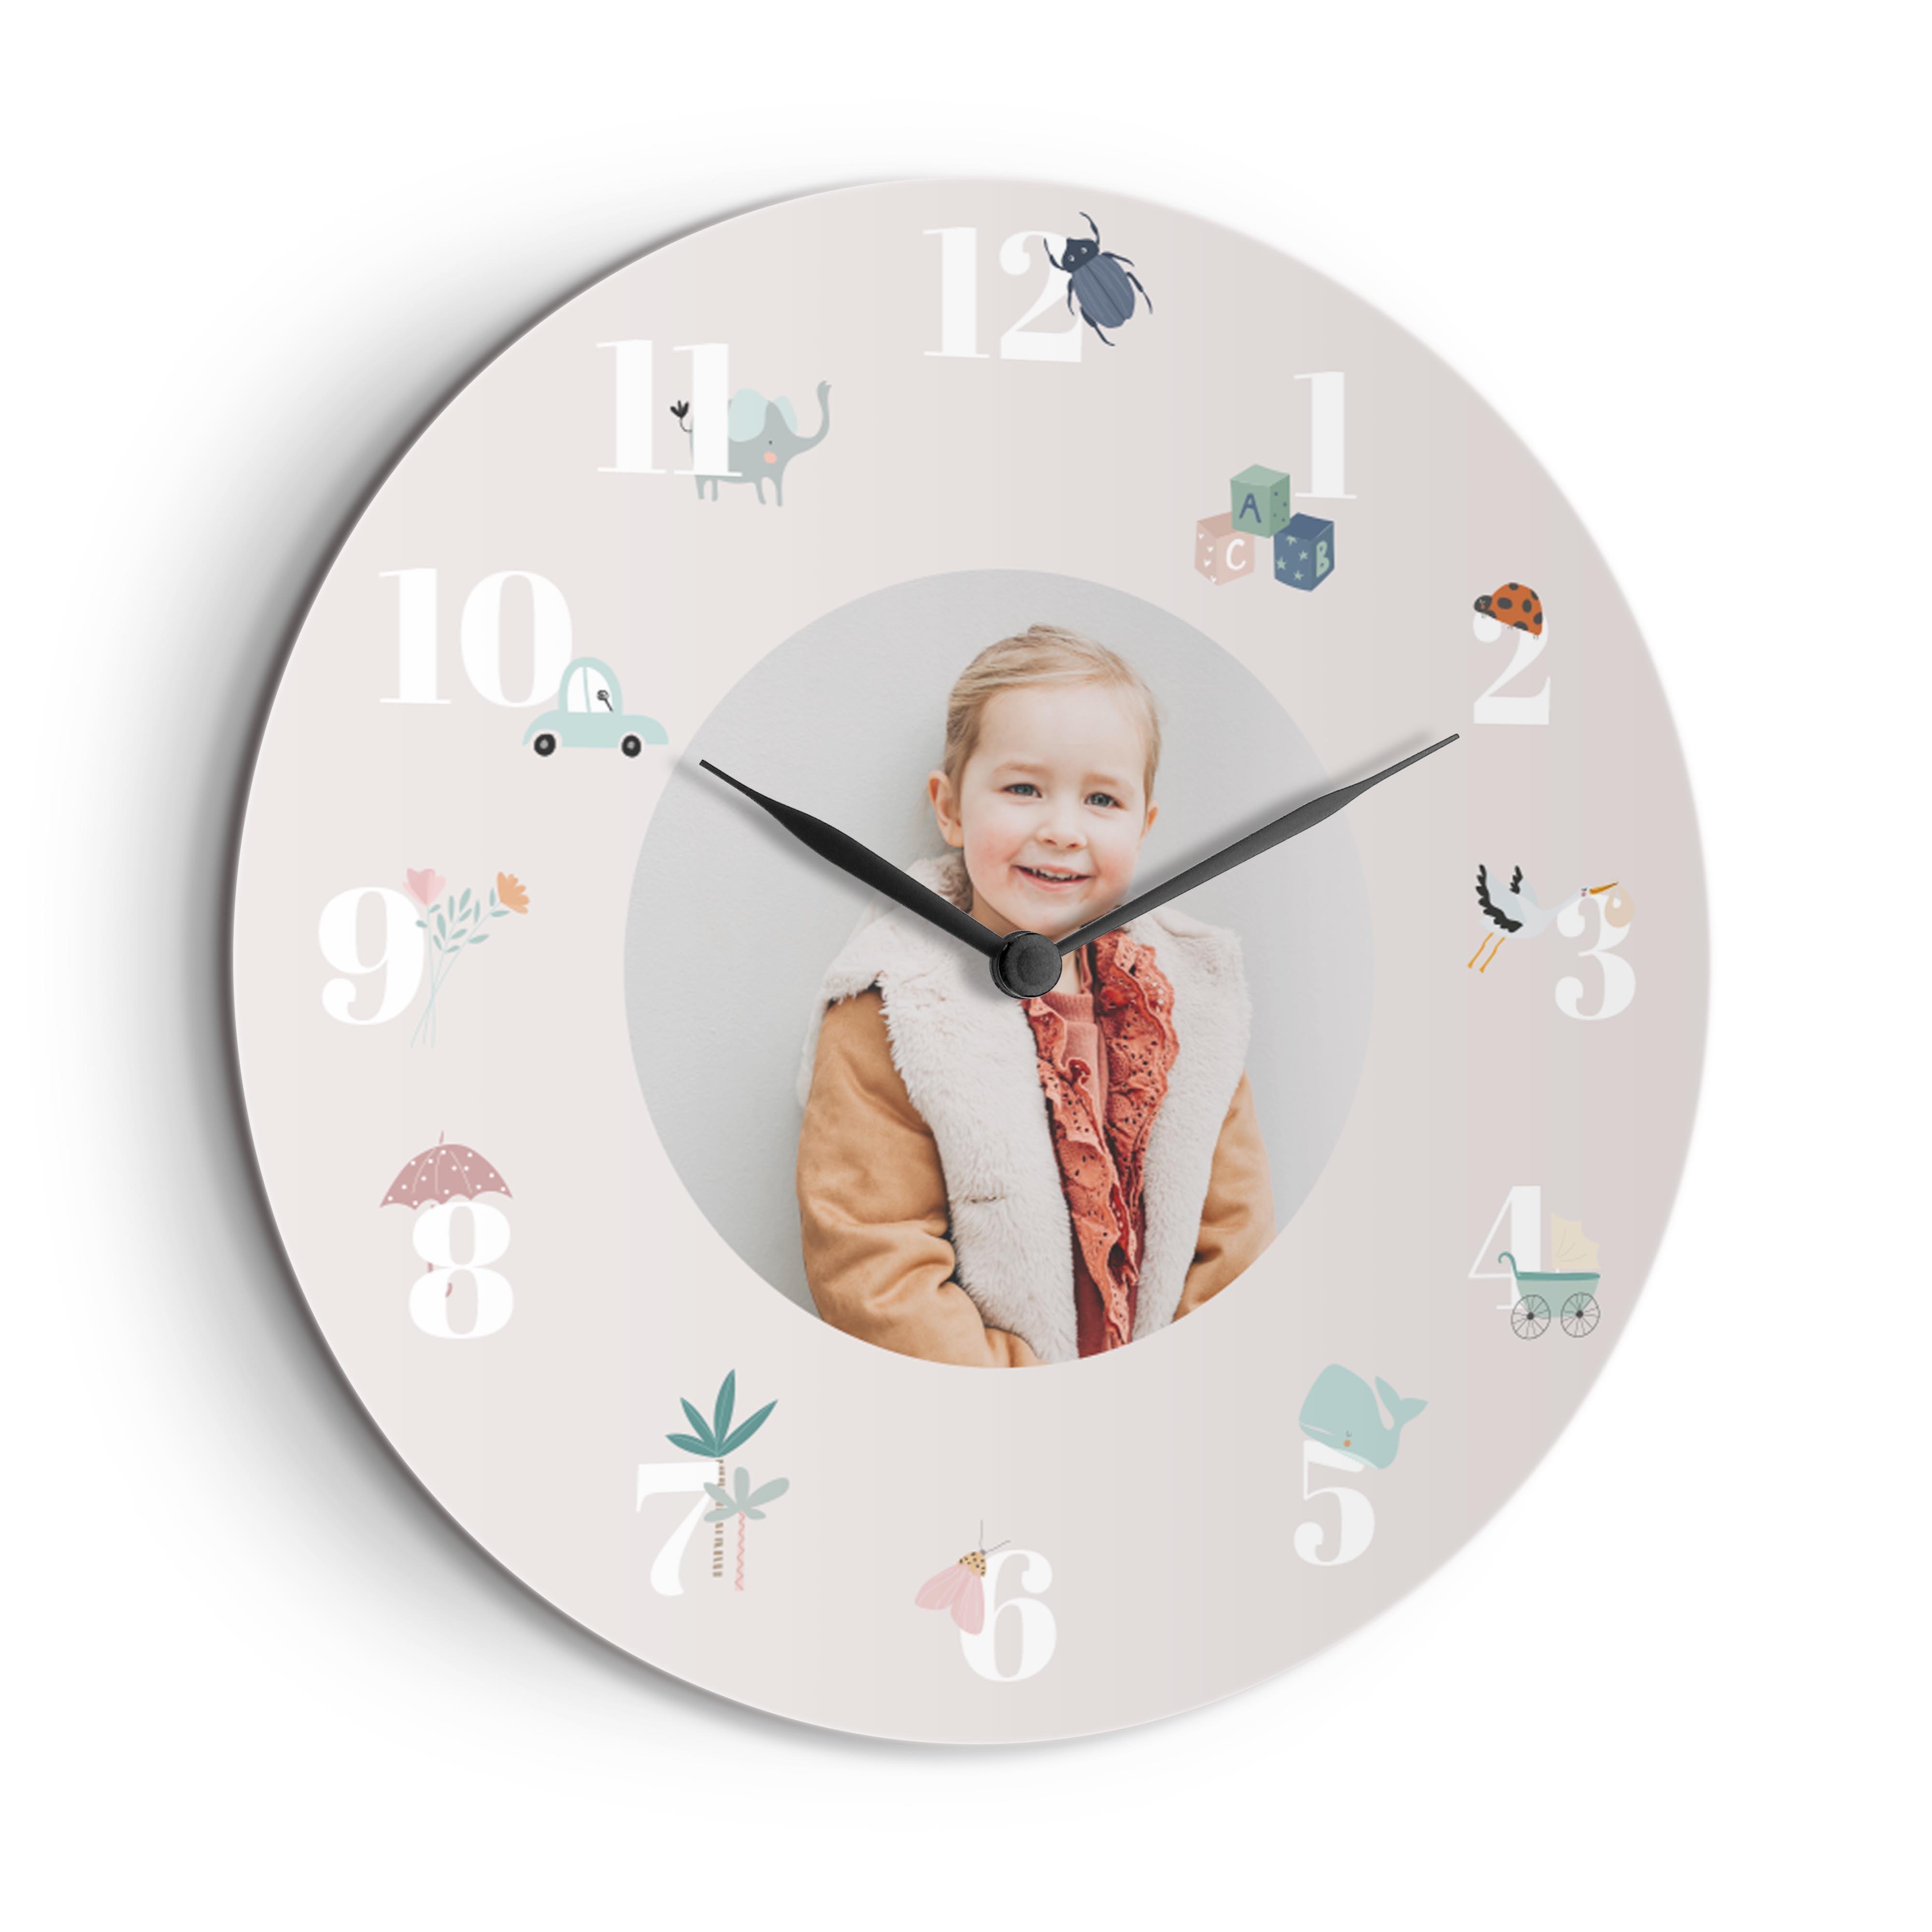 Lasten kello omalla kuvalla tai nimellä